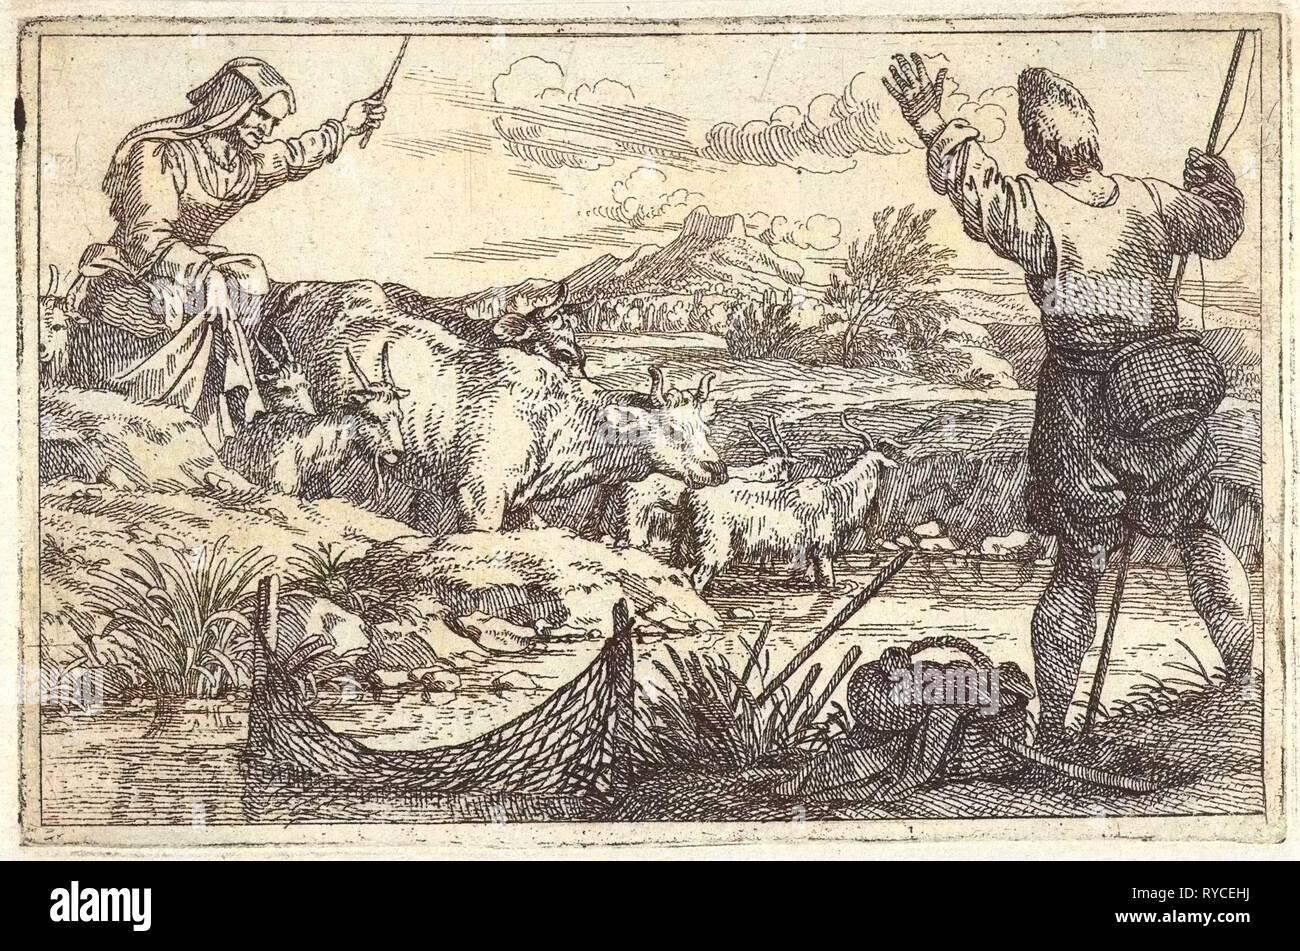 Fishing in river, print maker: Jan Baptist de Wael - Stock Image